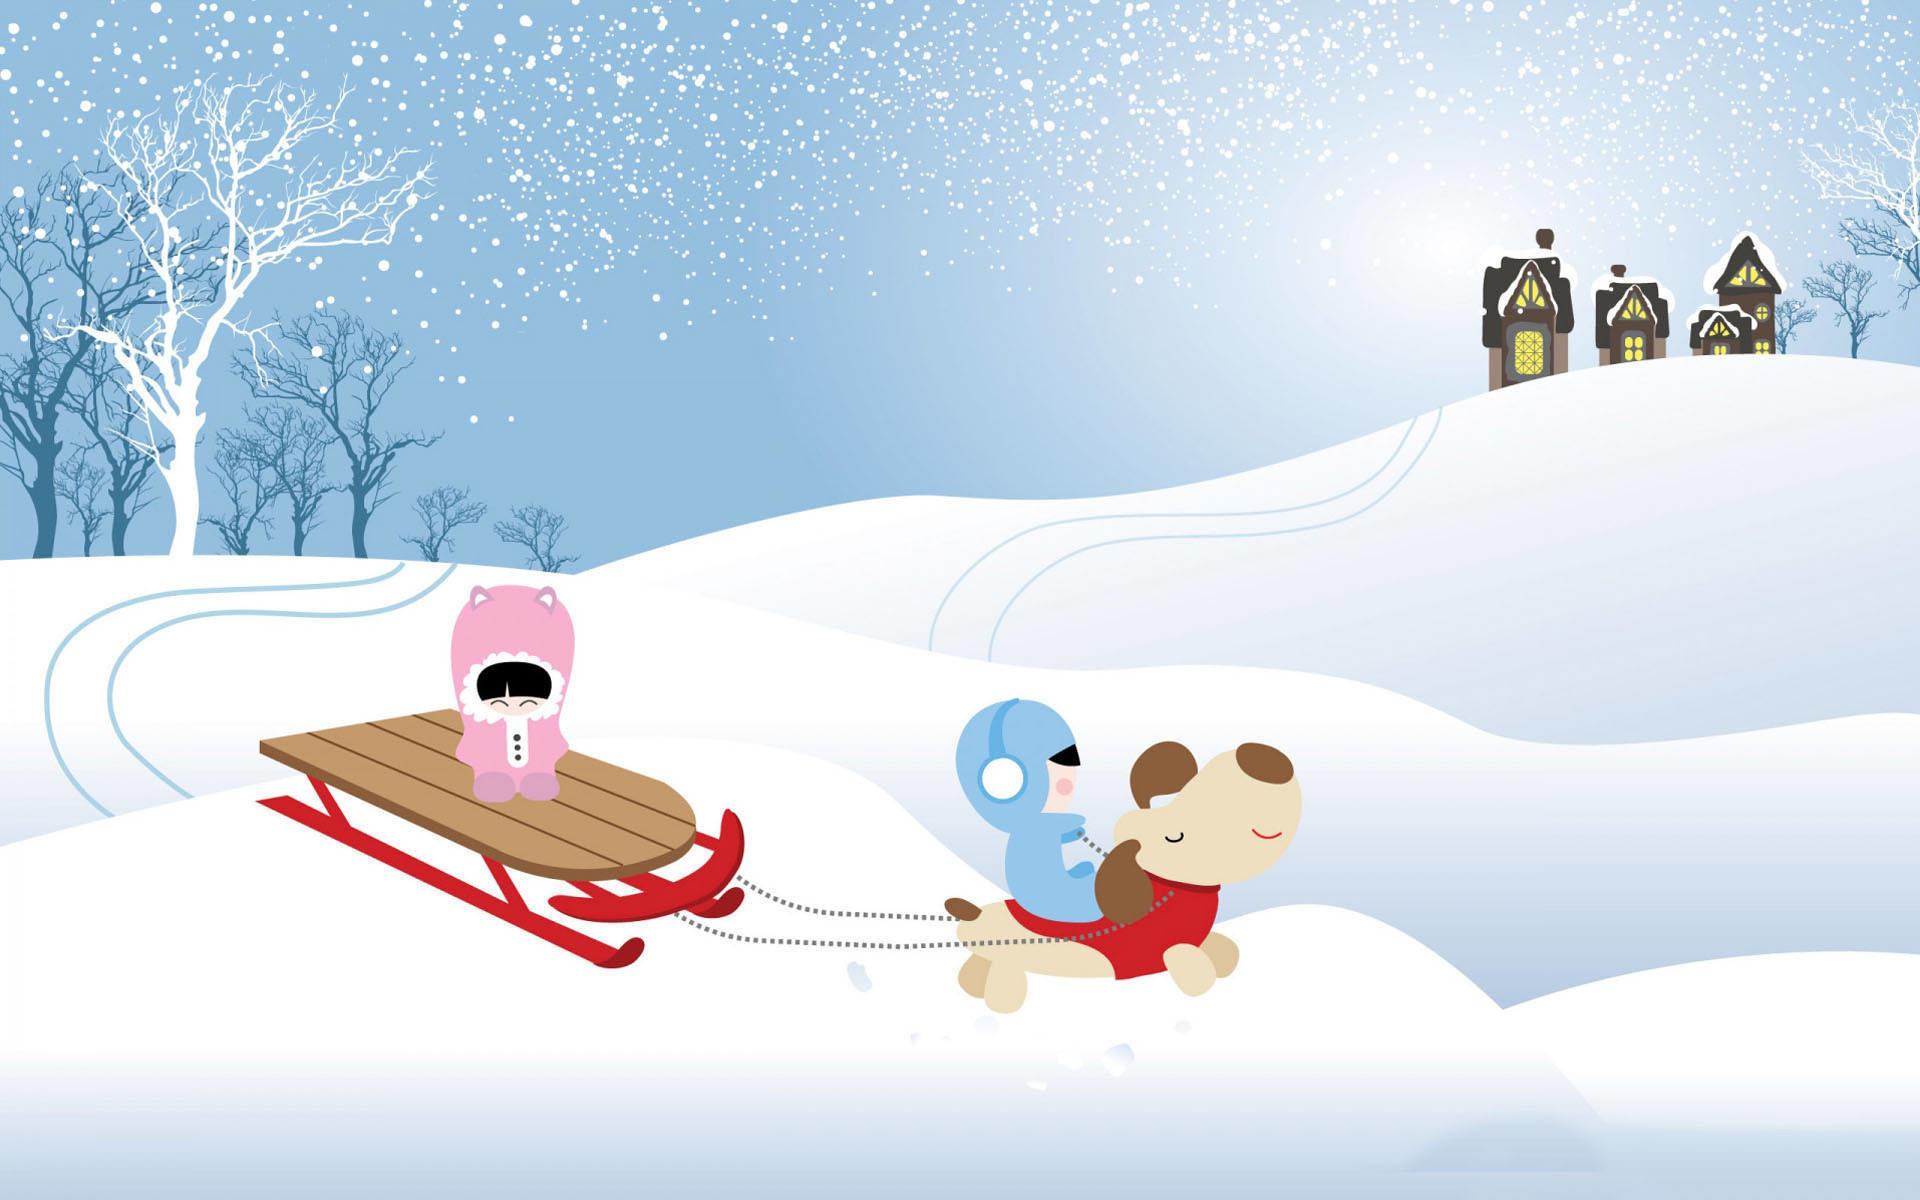 Christmas cartoon snowfall wallpaper. Christmas images Christmas cartoon  snowfall 728×409.jpg Resolution:…